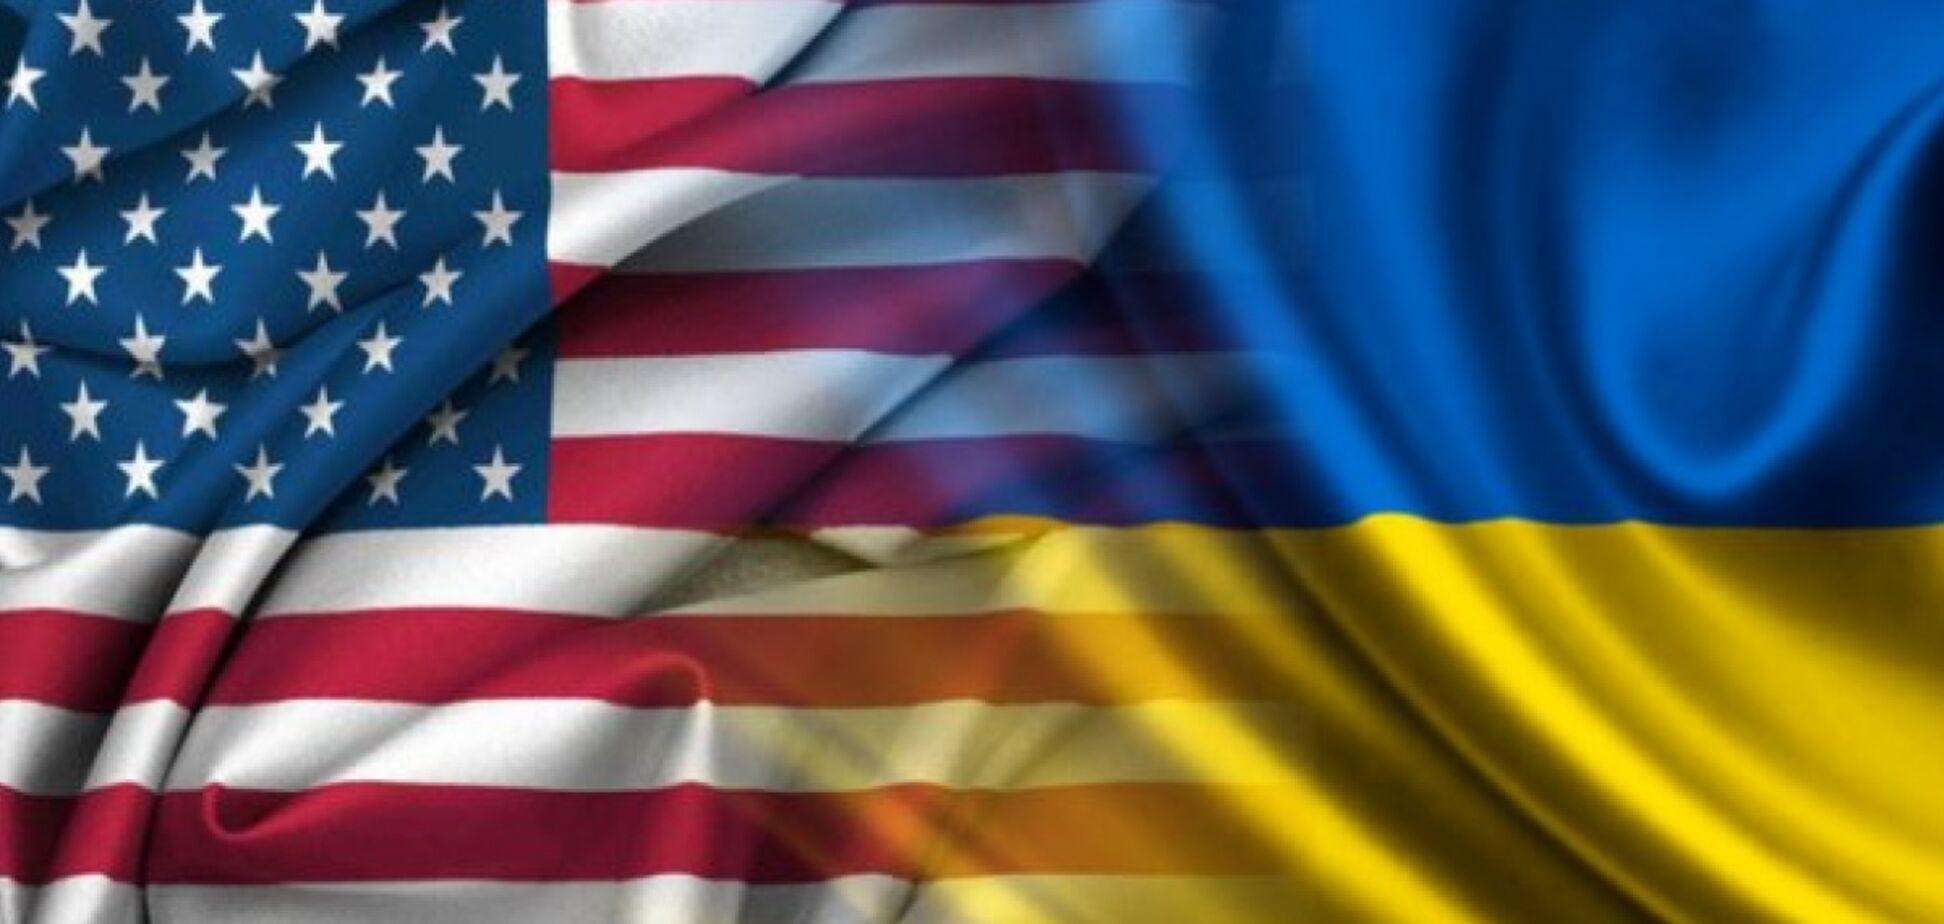 Україна прославляла нацизм? Соратник Трампа пояснив звинувачення США